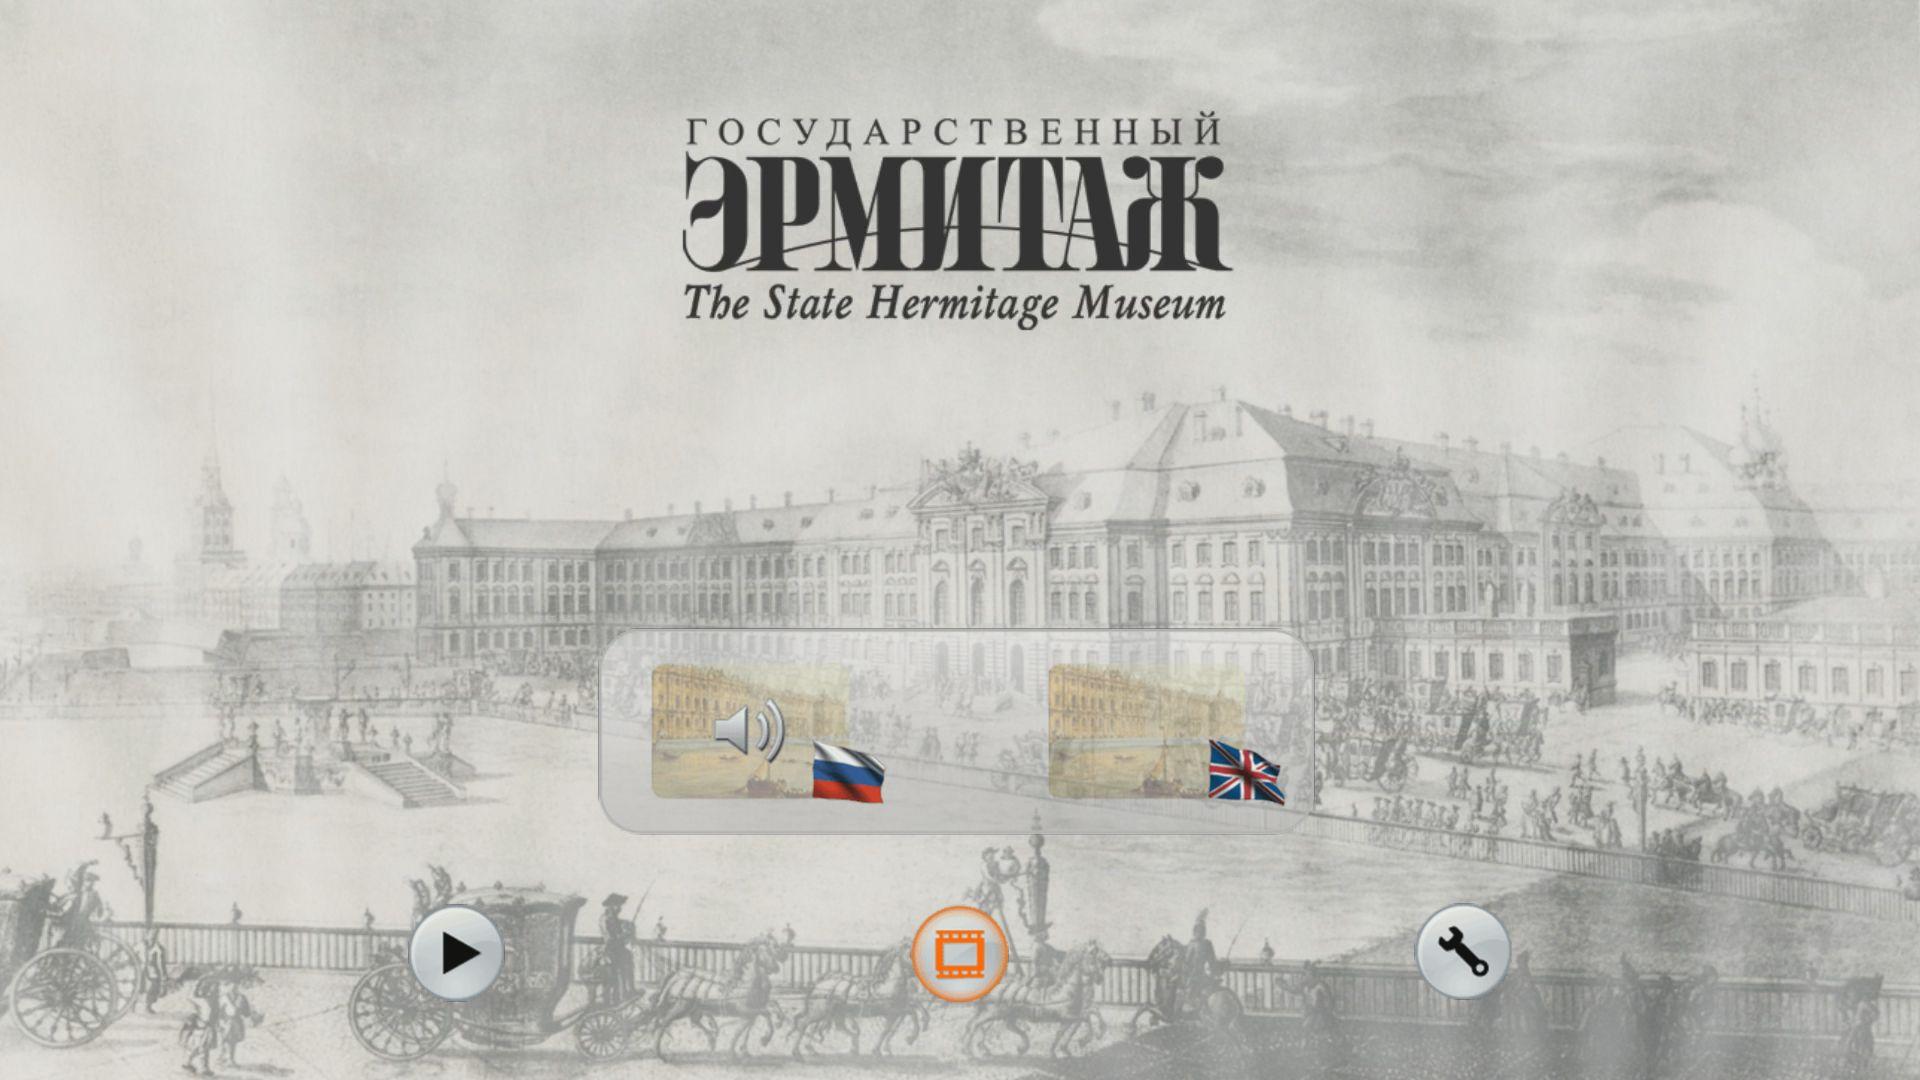 http://i4.imageban.ru/out/2012/04/02/7e5e2364fdded5db738cdf472de2c7fd.jpg